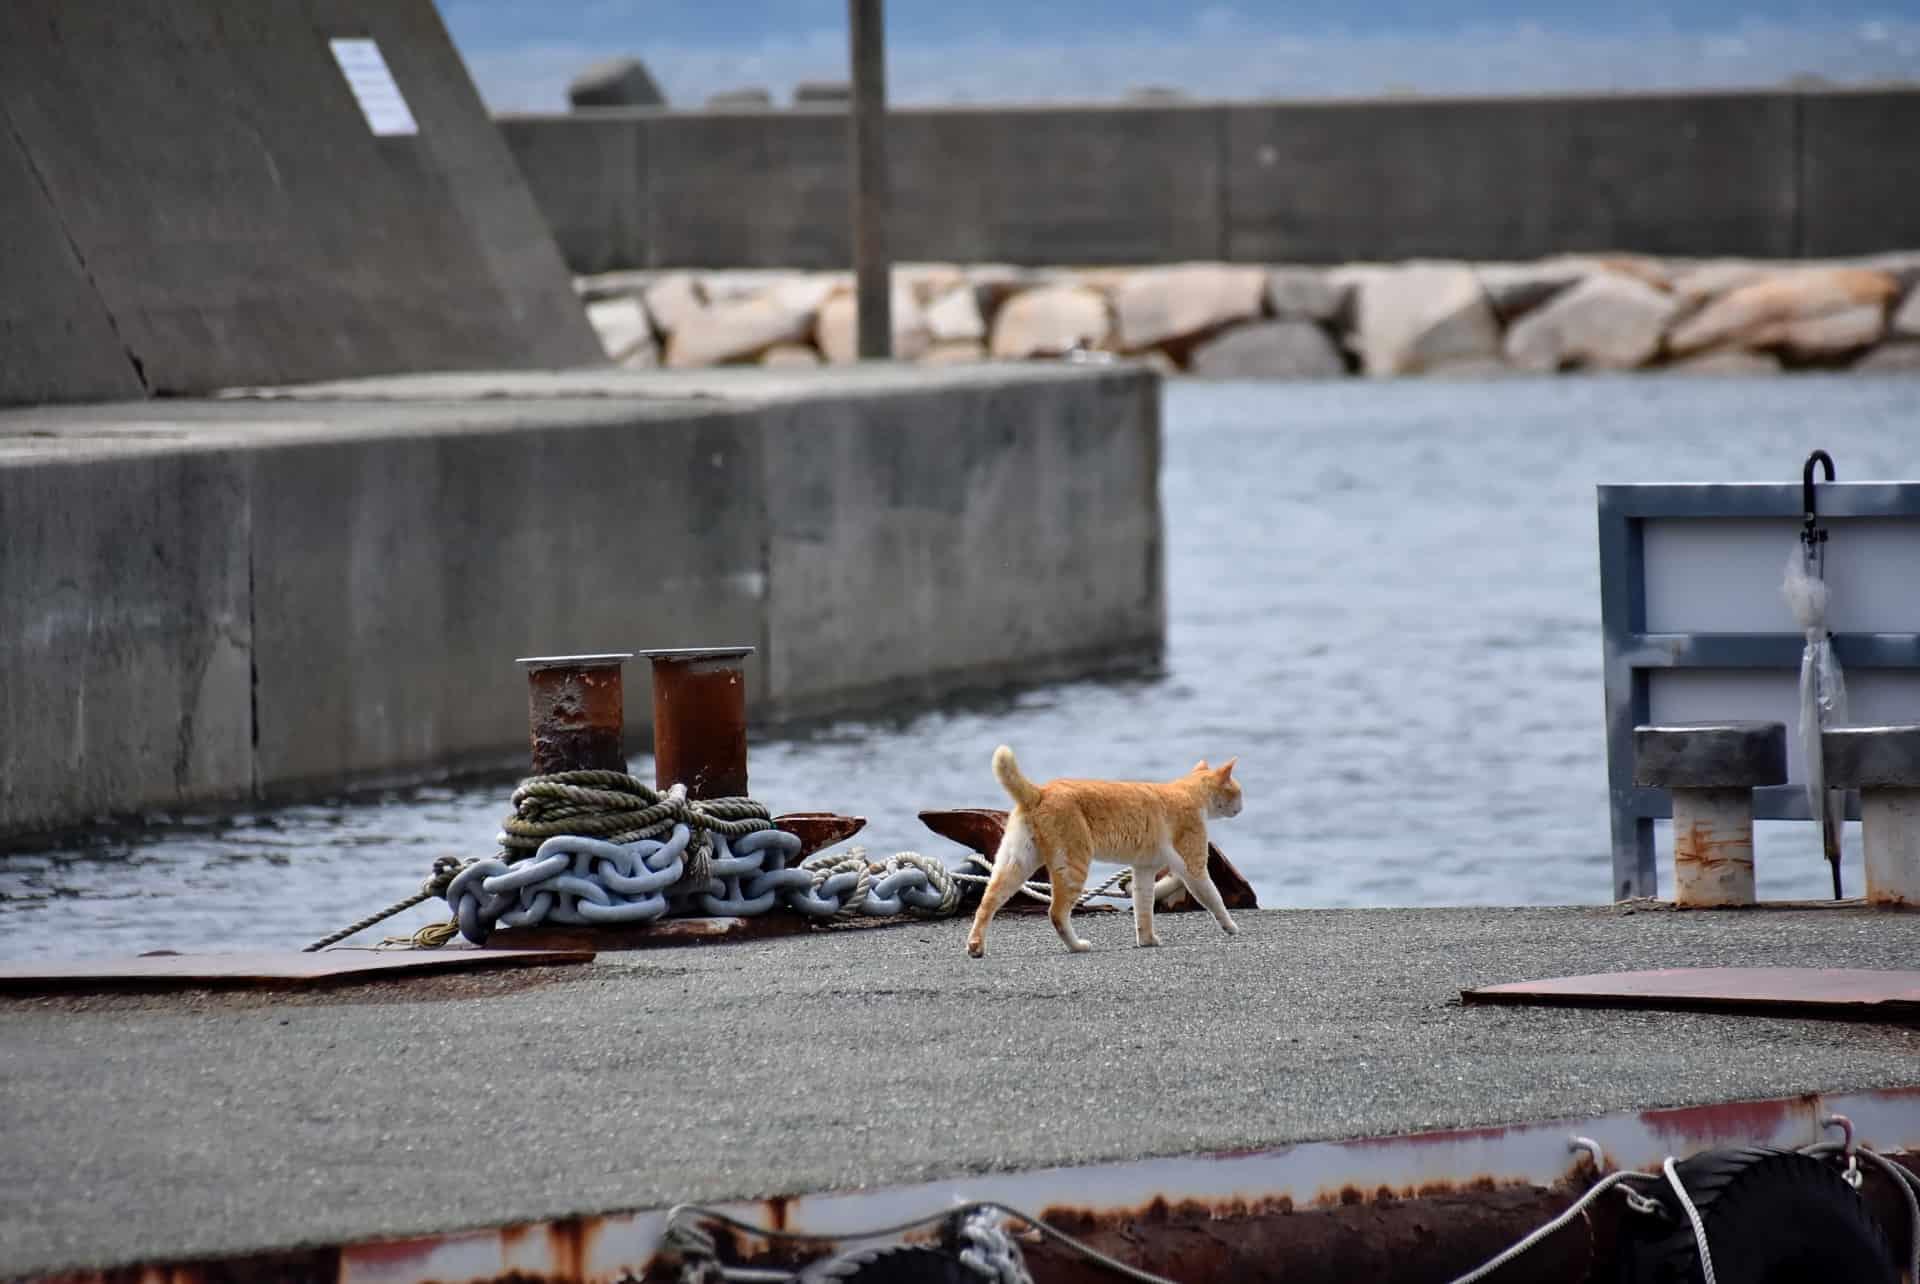 เกาะแมวที่ญี่ปุ่น : เกาะอาโอชิมะ จังหวัดเอฮิเมะ